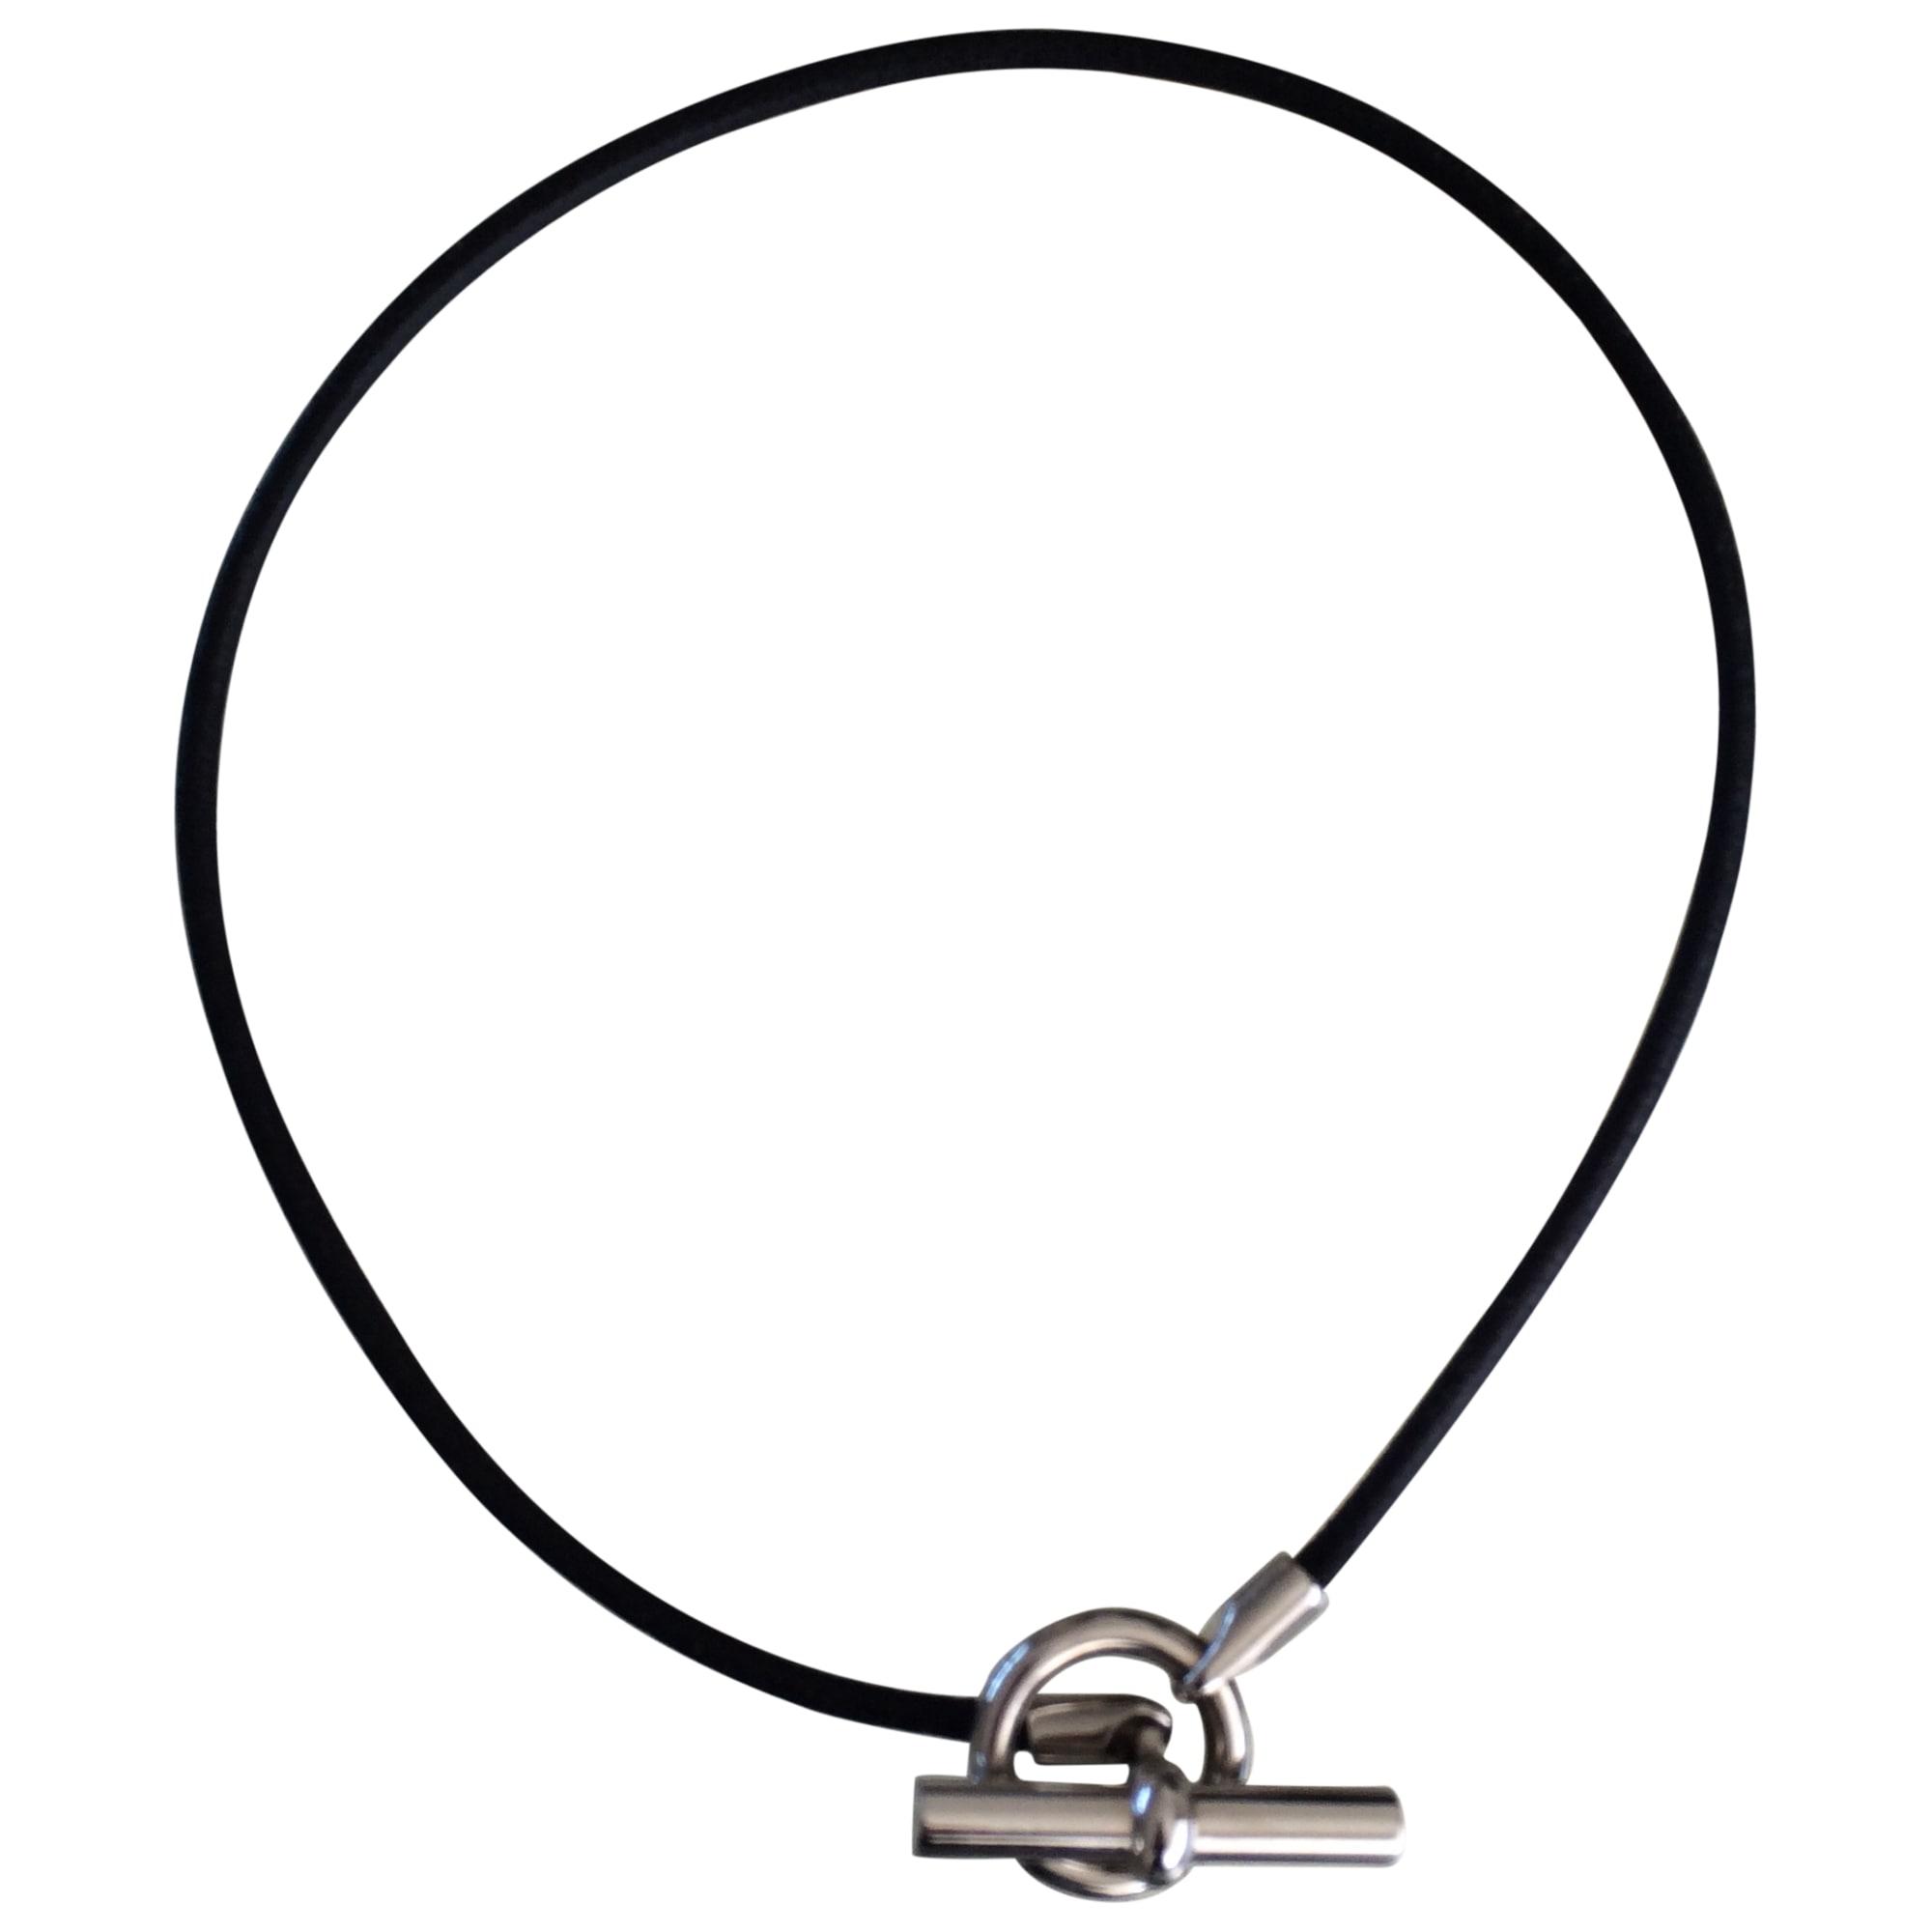 Collier HERMÈS noir - 3619292 2c7642422d3